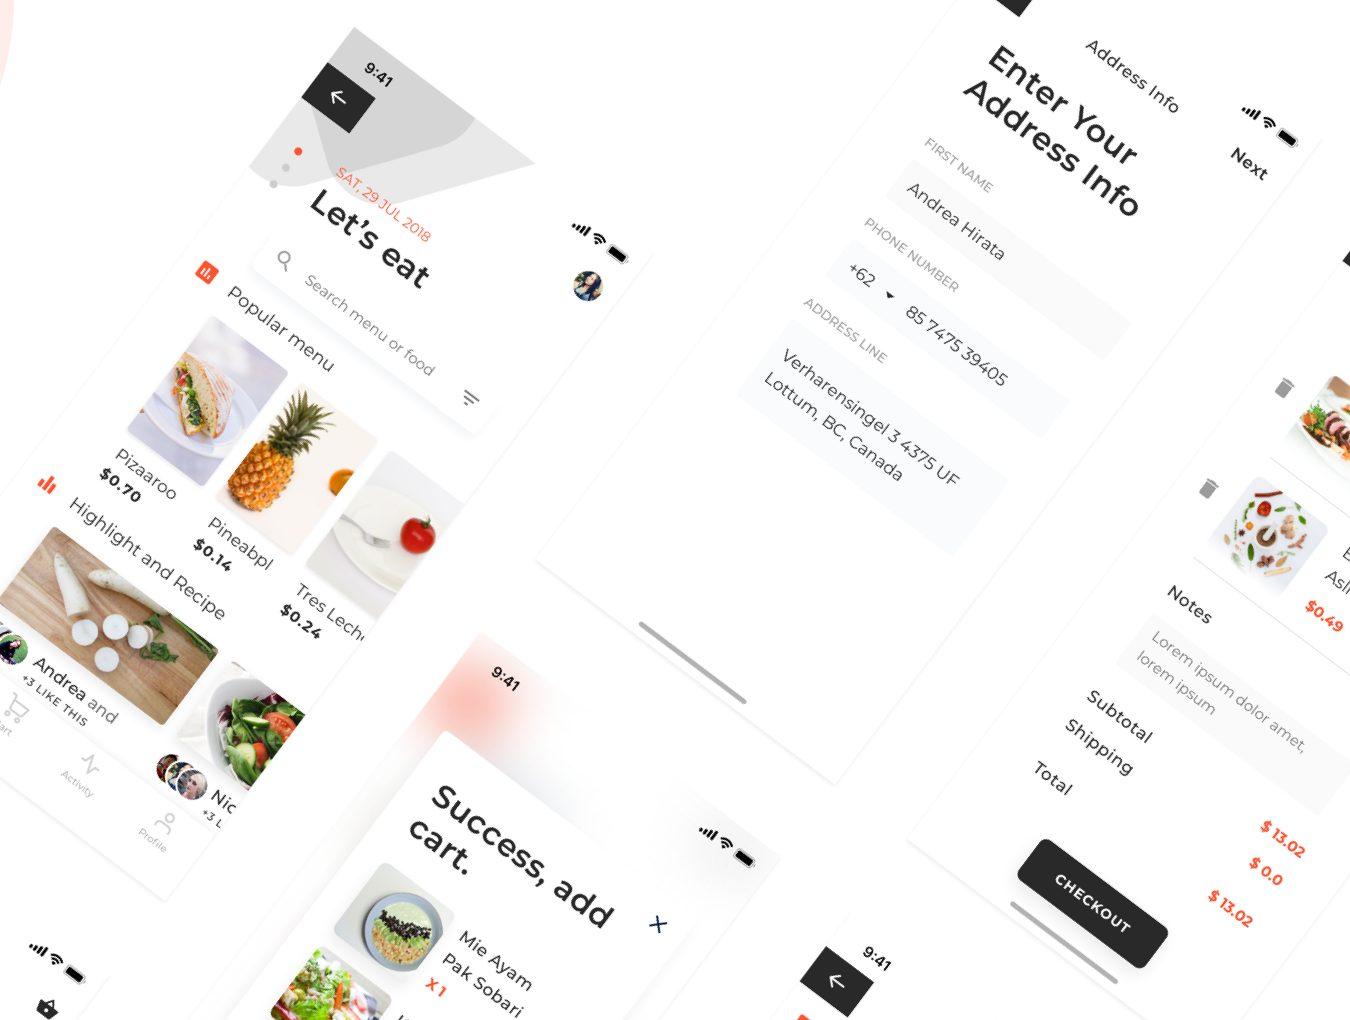 时尚简约餐饮行业APP bakar UI Kit